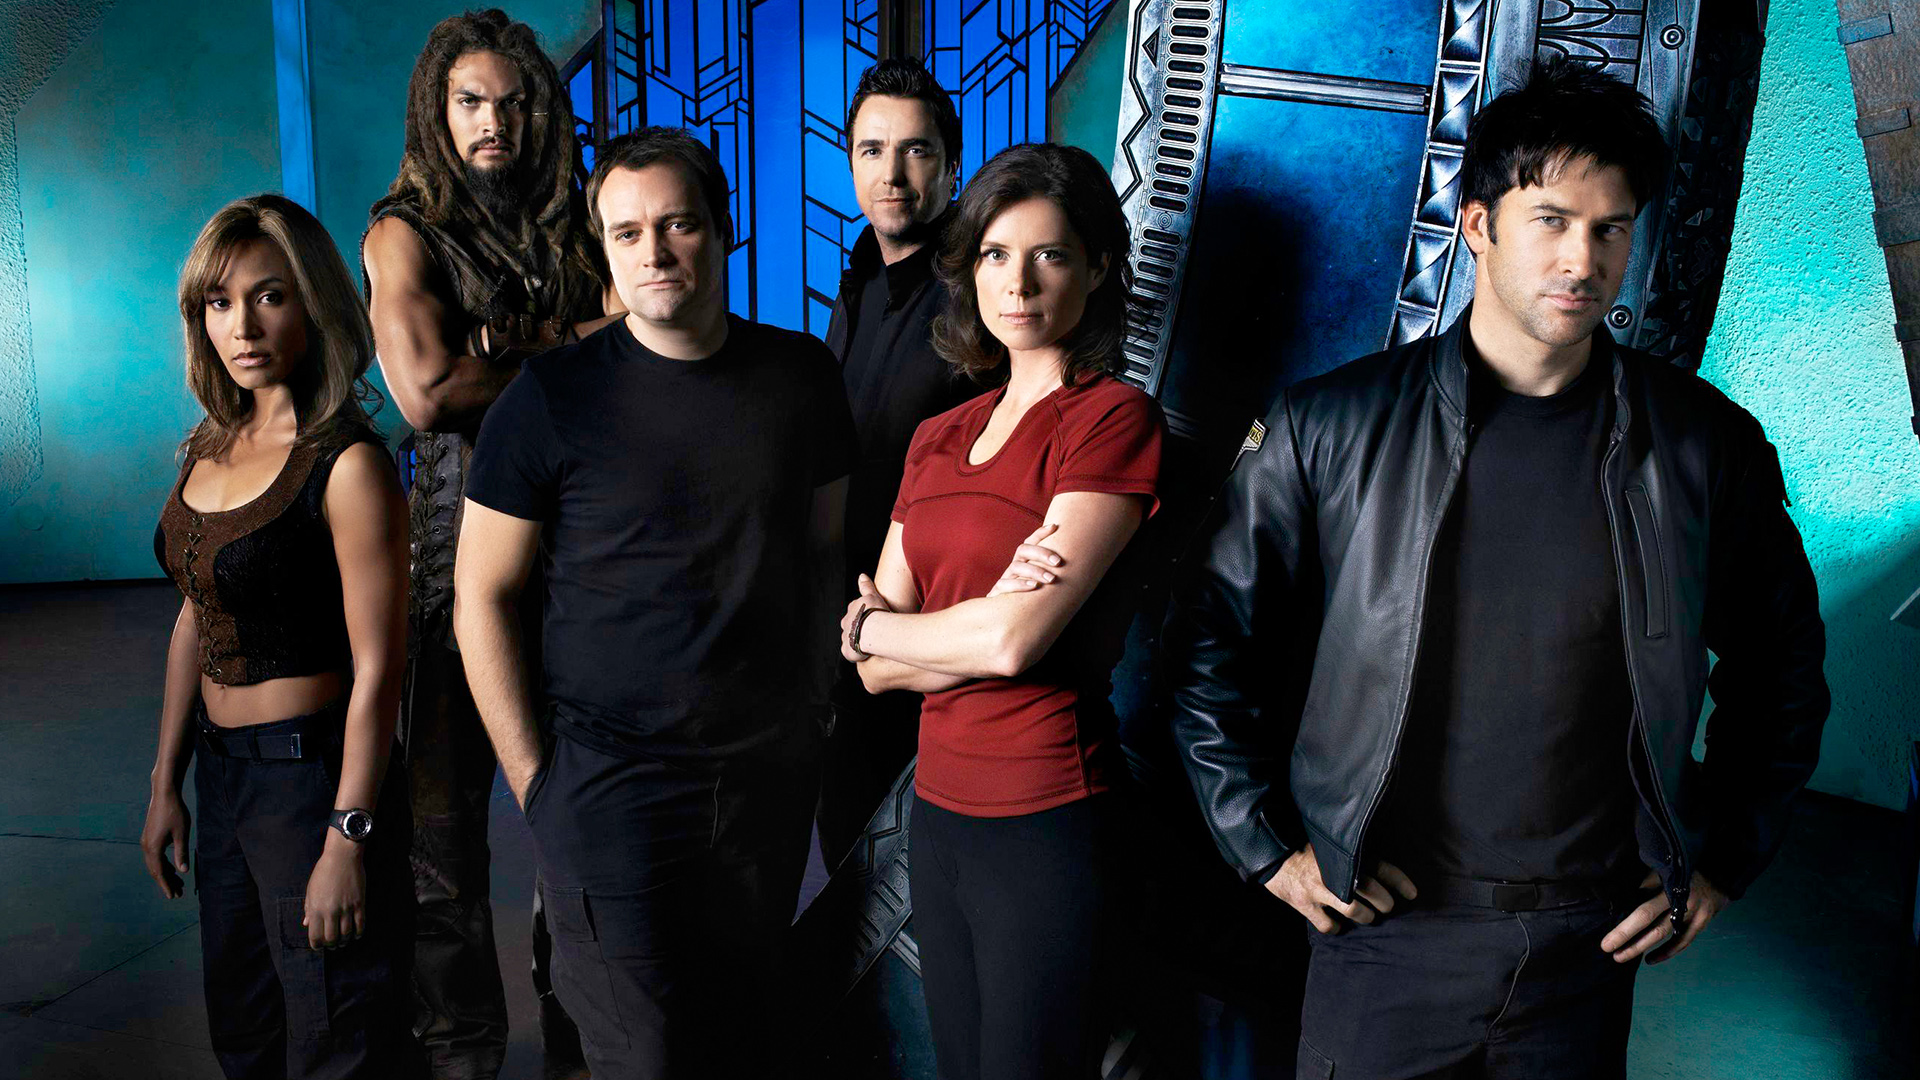 File:Atlantis season 3.jpg